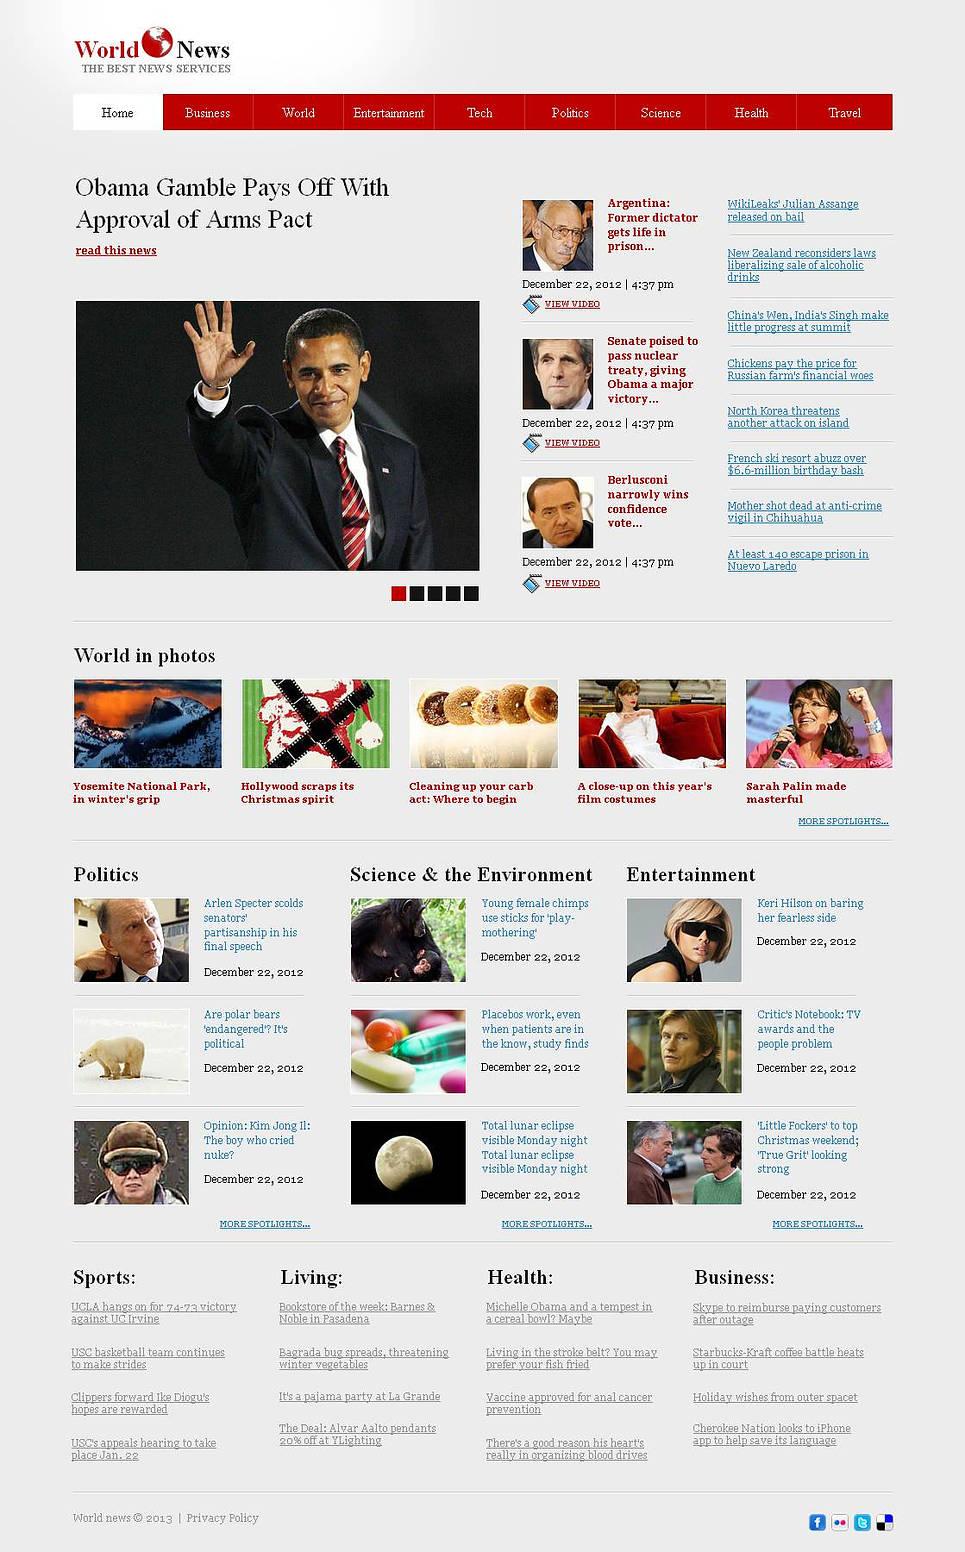 MotoCMS HTML Vorlage #43651 aus der Kategorie Media - image